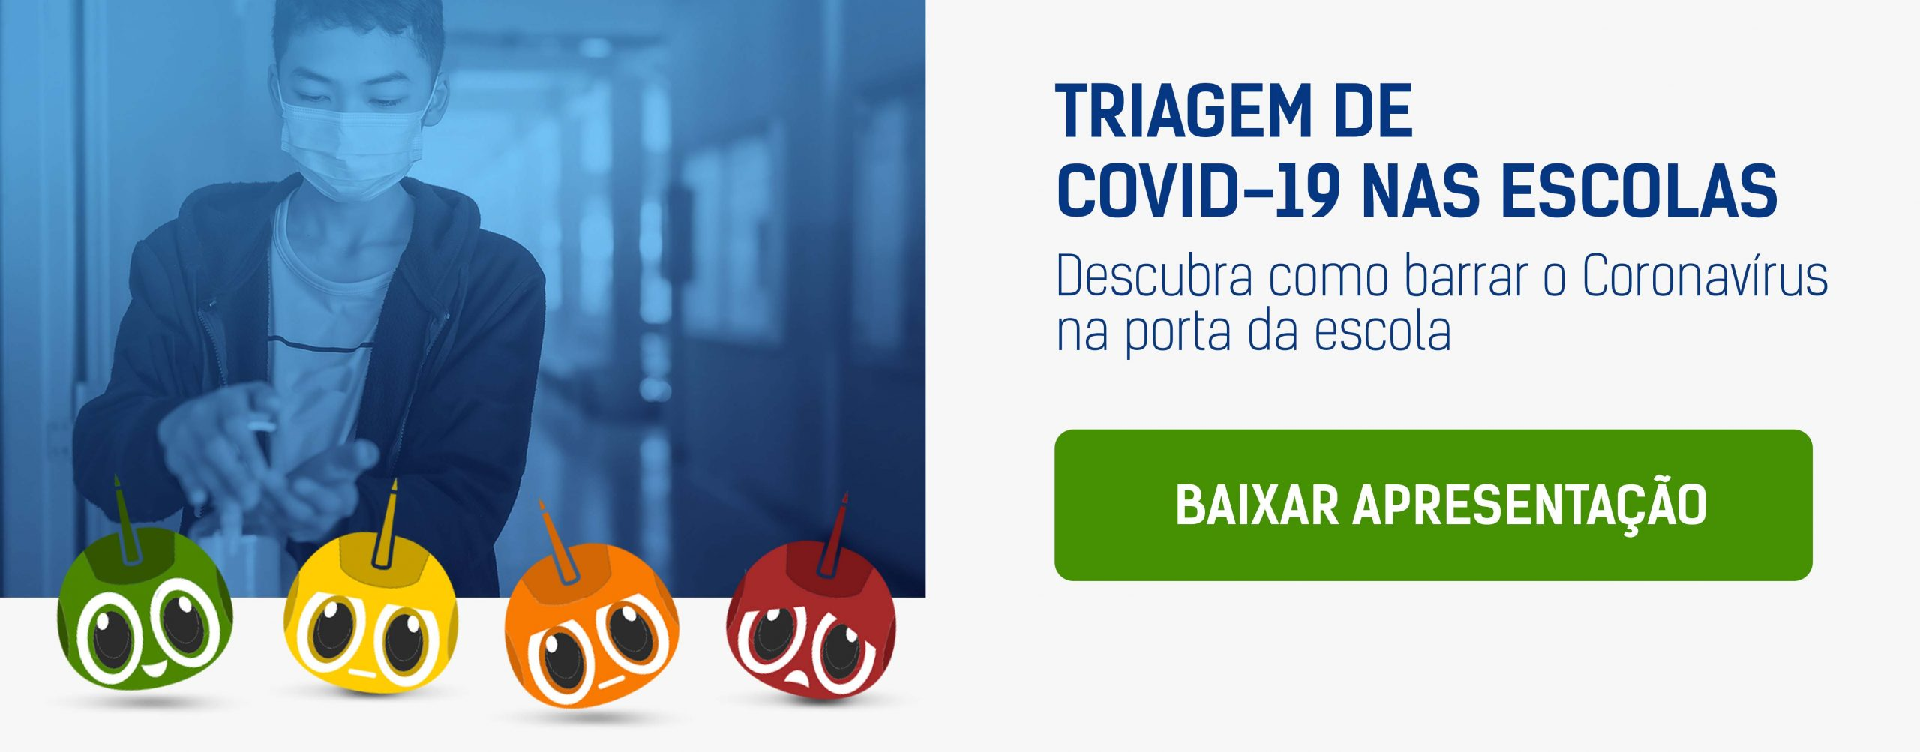 CTA_Triagem de Covid-19 nas escolas